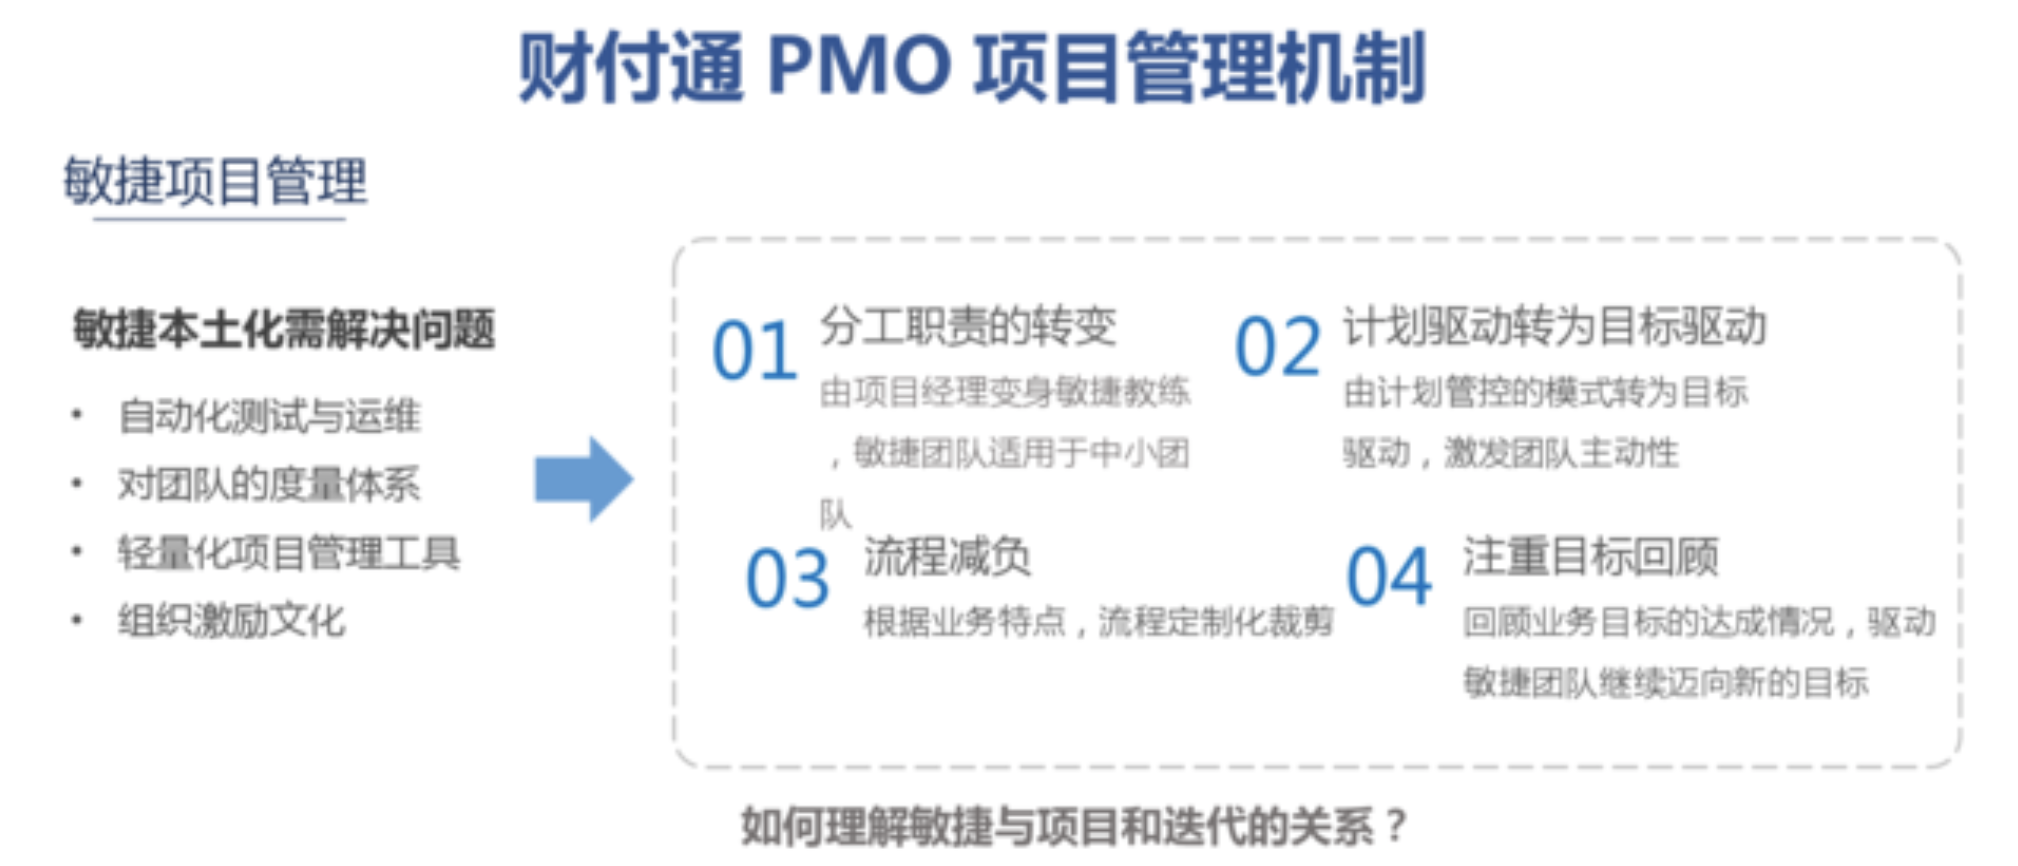 MPD:财付通——标准化项目管理与敏捷迭代的兼得——互联网PMO与项目管理实践  项目管理 管理 产品经理 产品 第5张